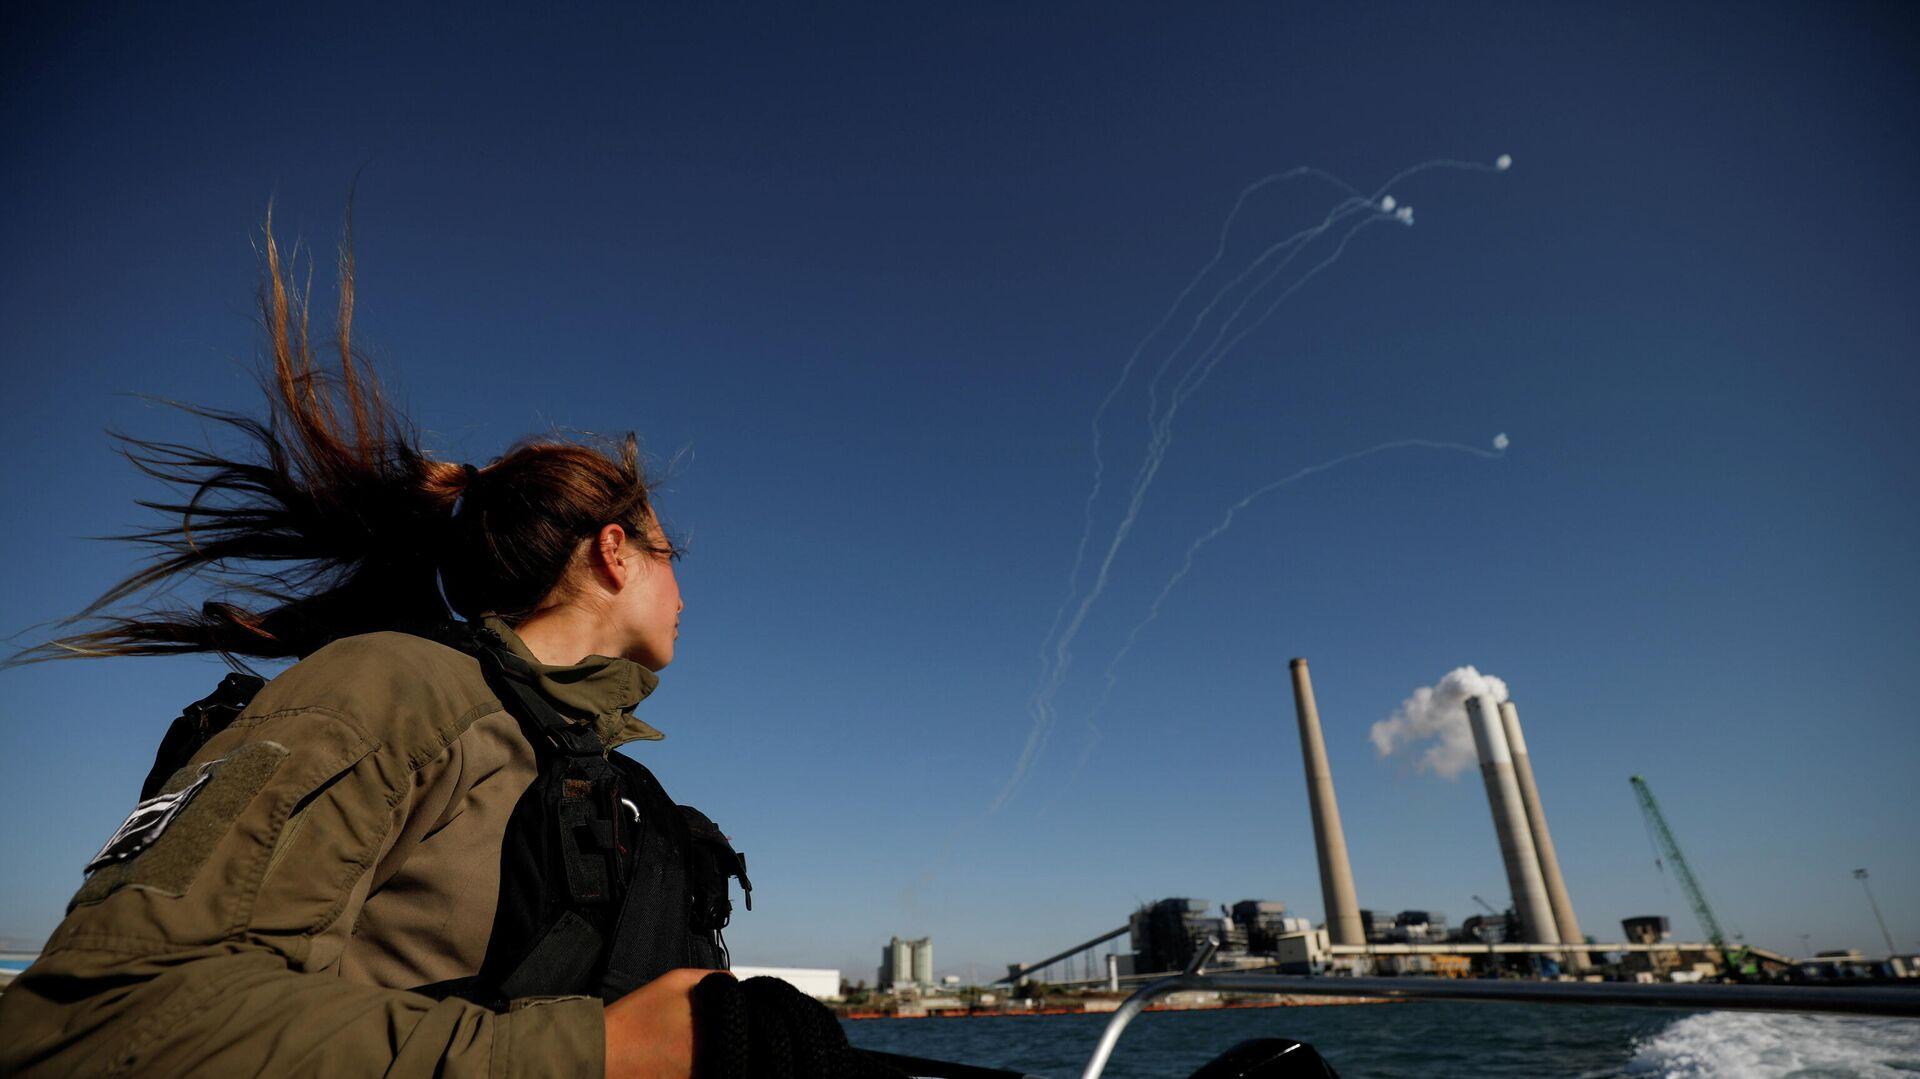 Израильский военный наблюдает за перехватом ракет, выпущенных из сектора Газа - РИА Новости, 1920, 20.05.2021